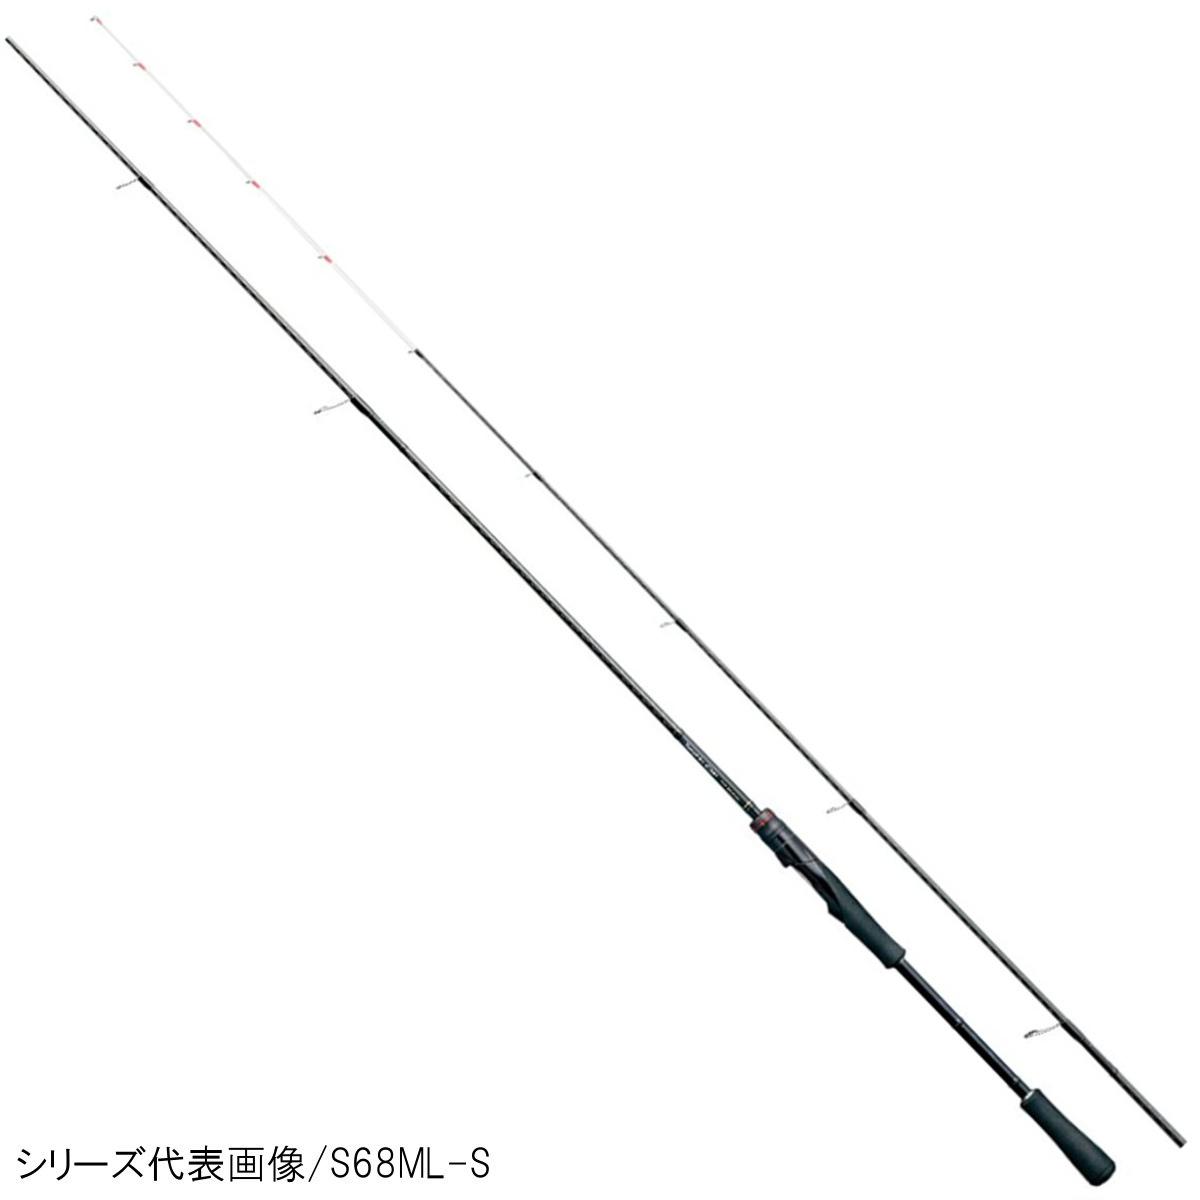 シマノ セフィア CI4+ ティップエギング S511ML-S【大型商品】(東日本店)